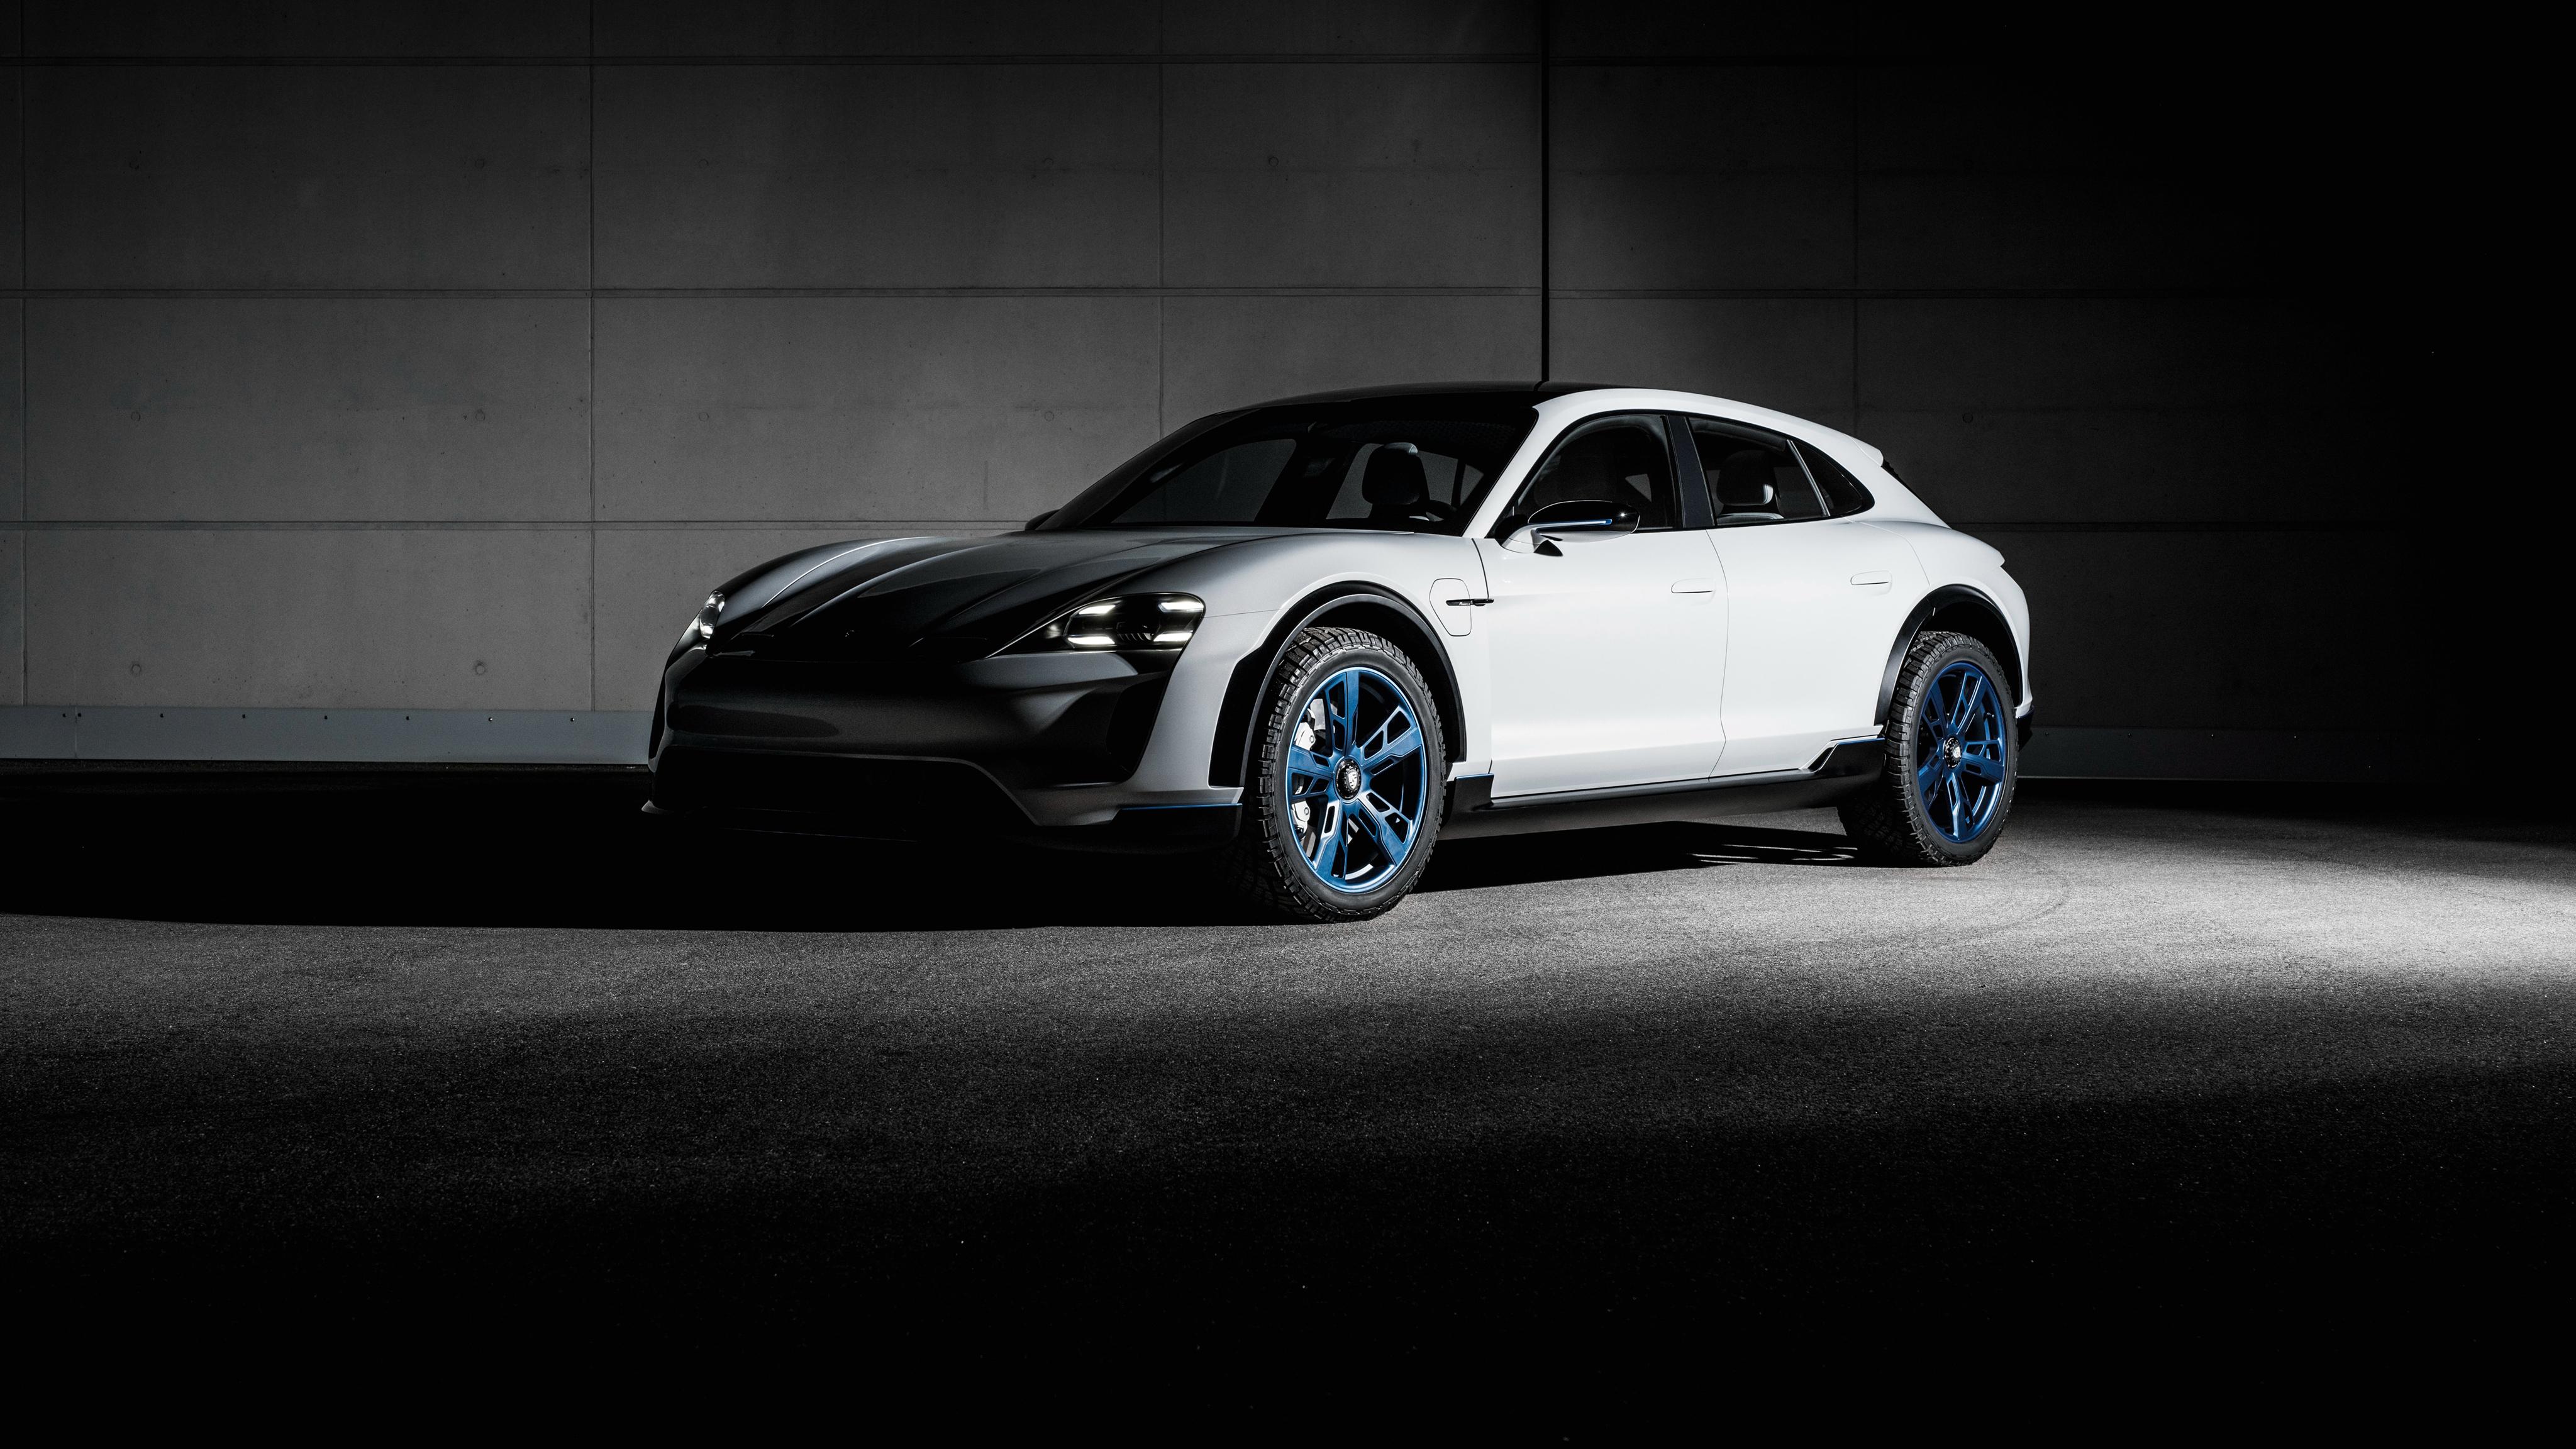 4k Car Wallpaper Koenigsegg Rs 2018 Porsche Mission E Cross Turismo 4k 16 Wallpaper Hd